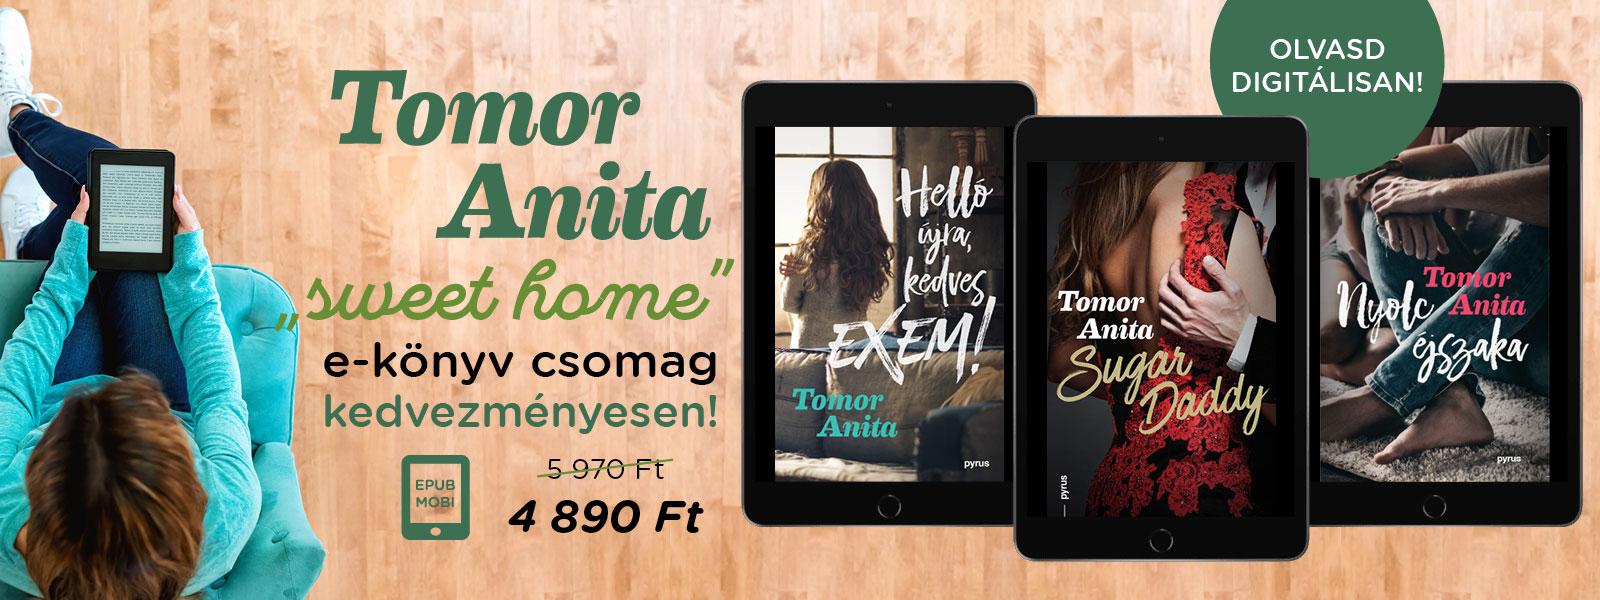 Sweet home e-könyv csomag